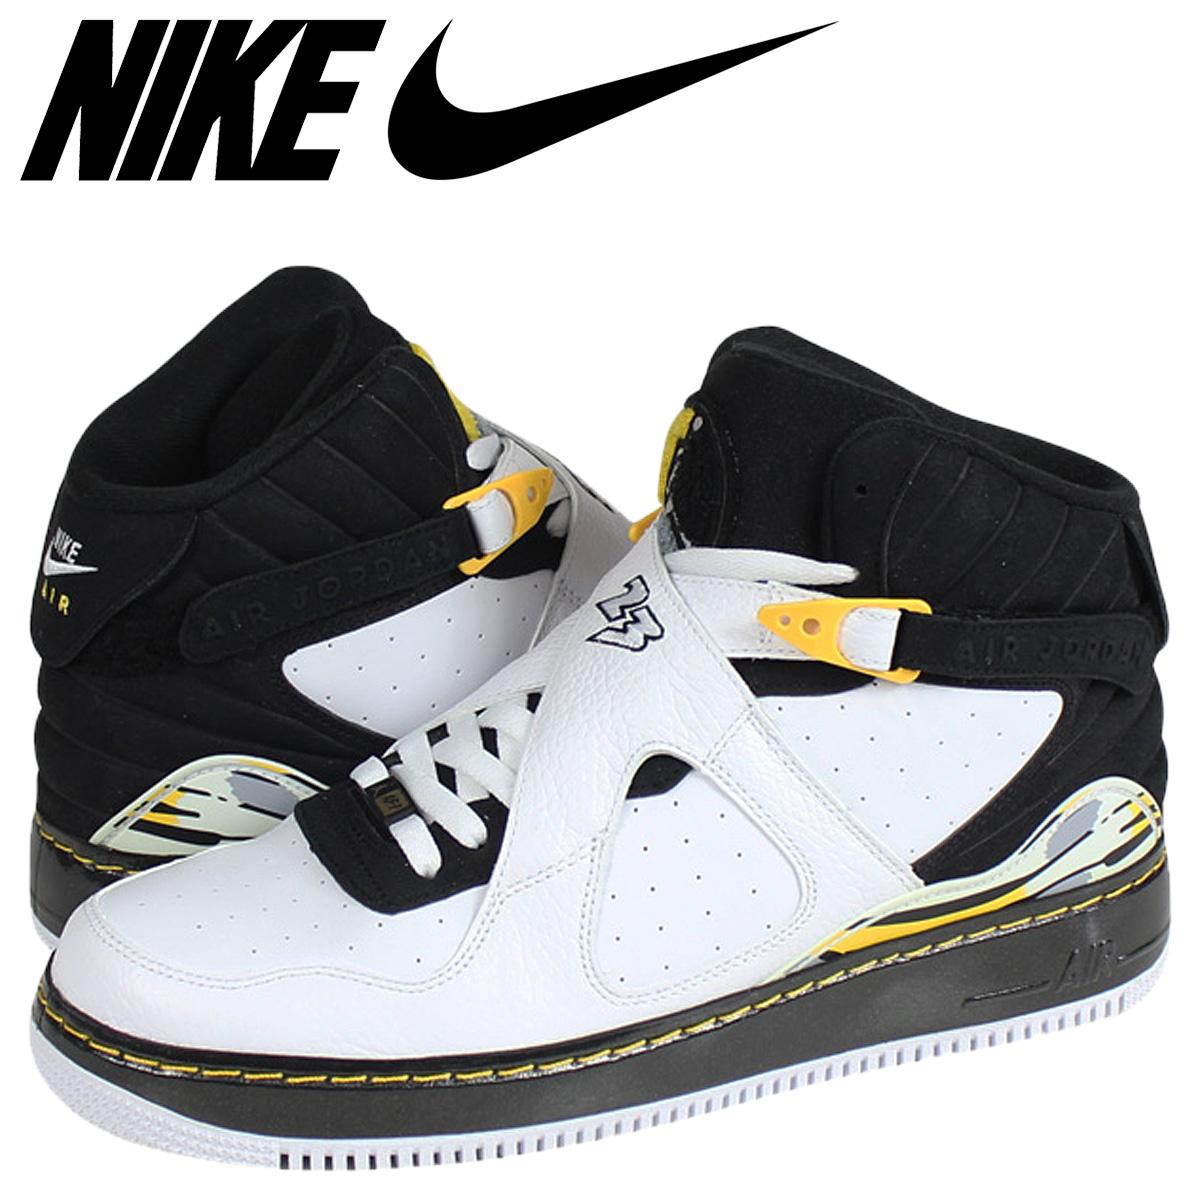 low priced fd030 5bb2d ... Nike NIKE Air Jordan sneakers AIR JORDAN FUSION 8 Air Jordan fusion 8  384522-102 ...